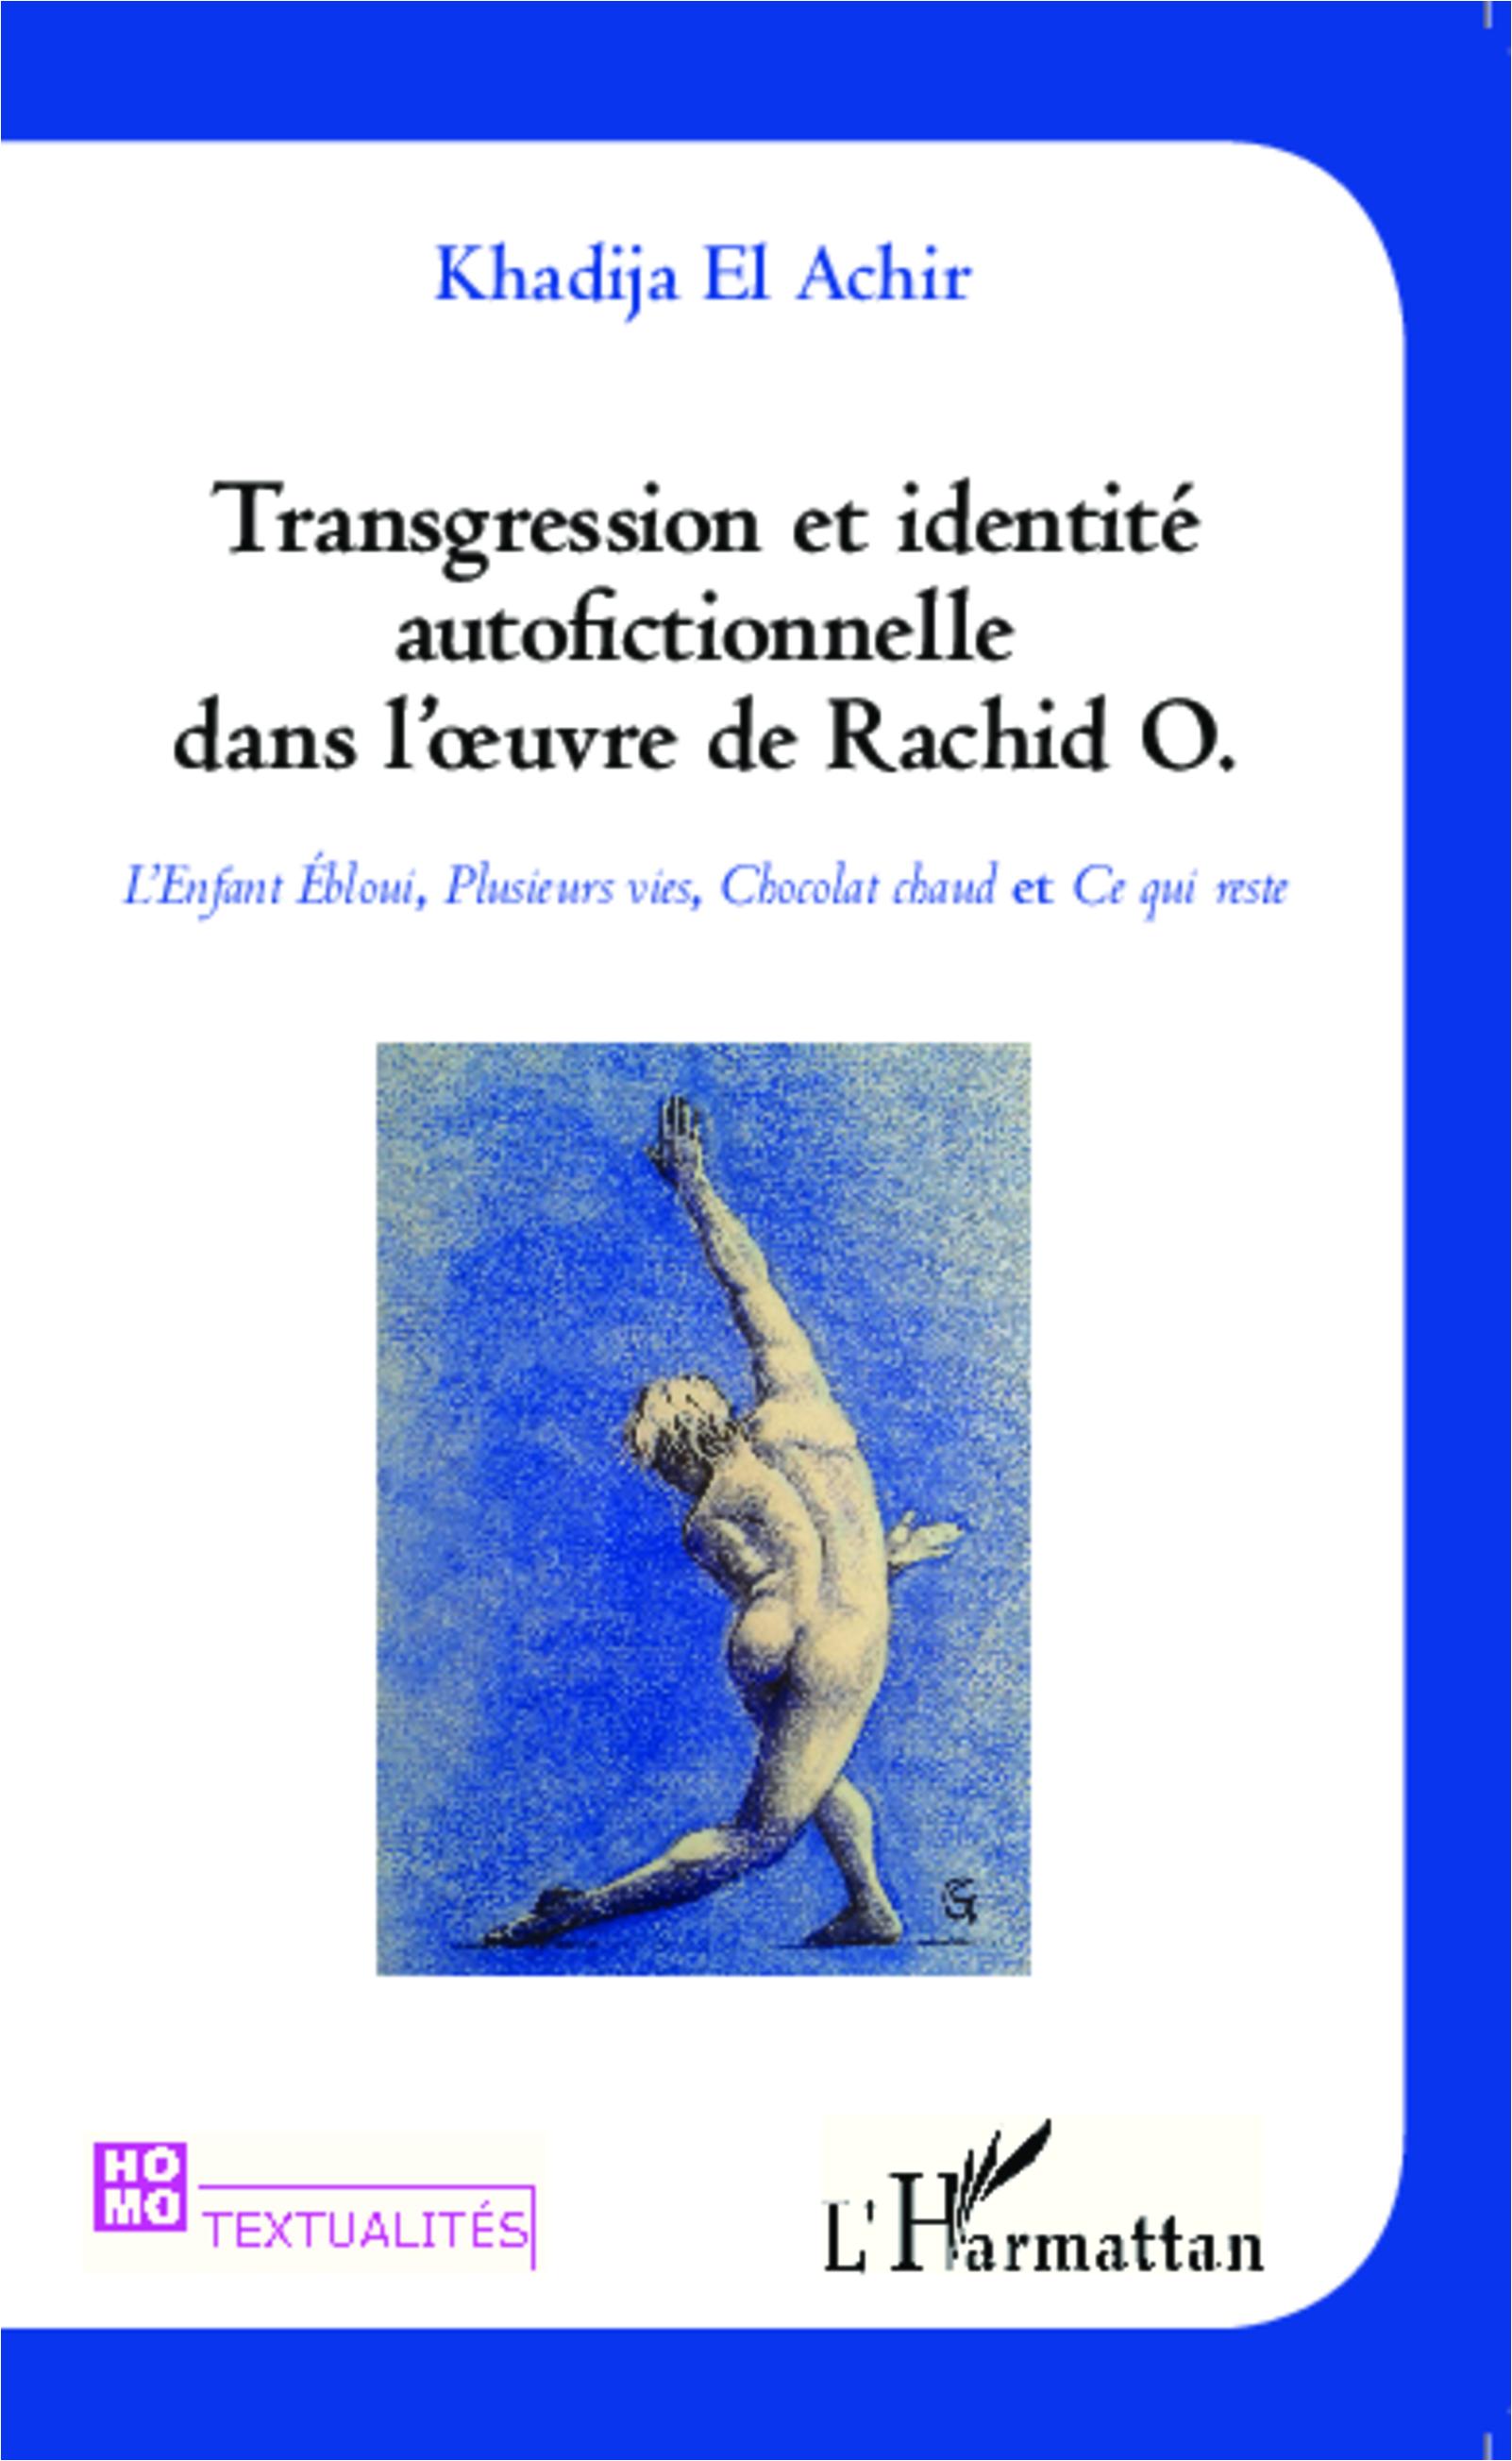 K. El Achir, Transgression et identité autofictionnelle dans l'oeuvre de Rachid O.